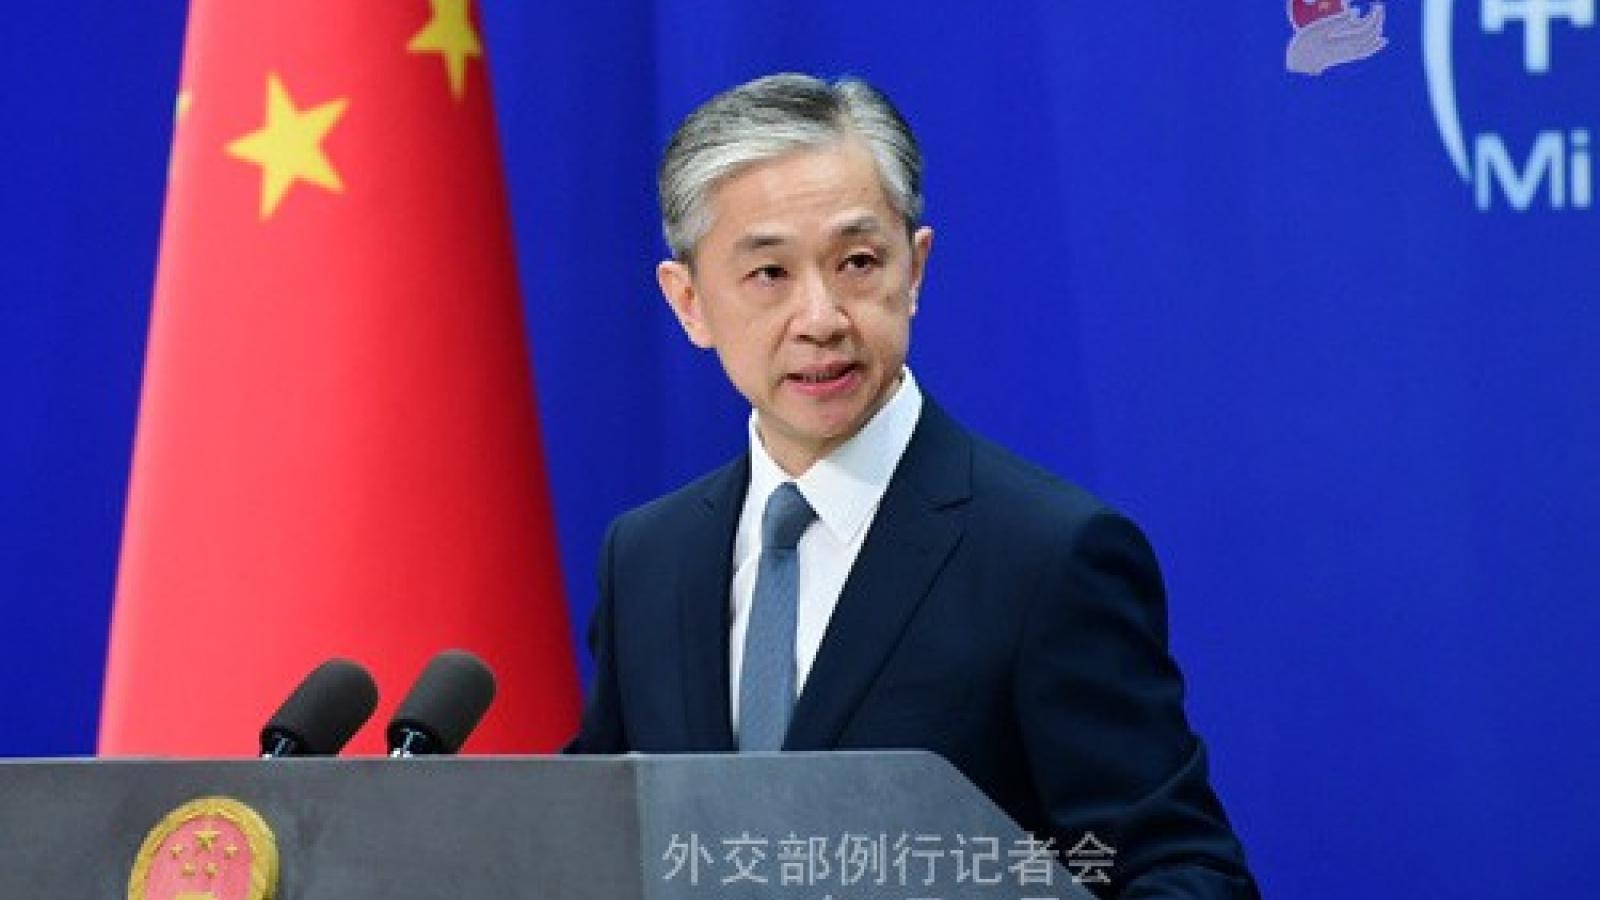 Trung Quốc phản đối việc Mỹ yêu cầu đóng cửa lãnh sự quán tại Houston